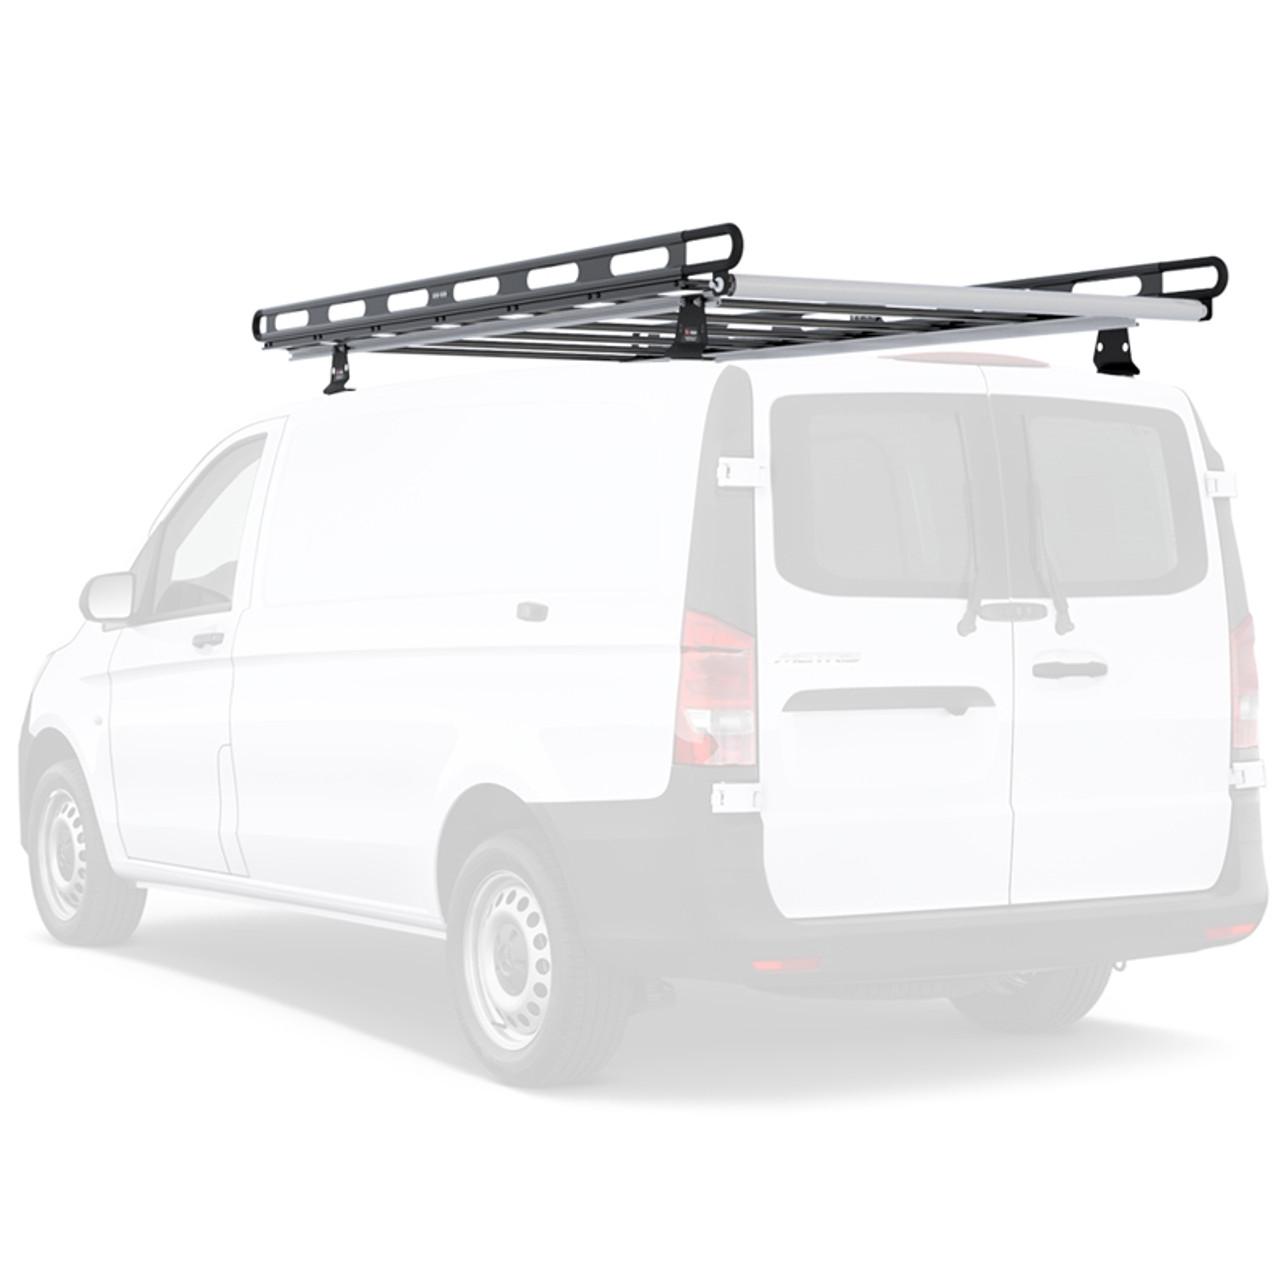 https leonardaccessories com product van ladder racks vantech h2 aluminum roof rack mercedes benz metris van